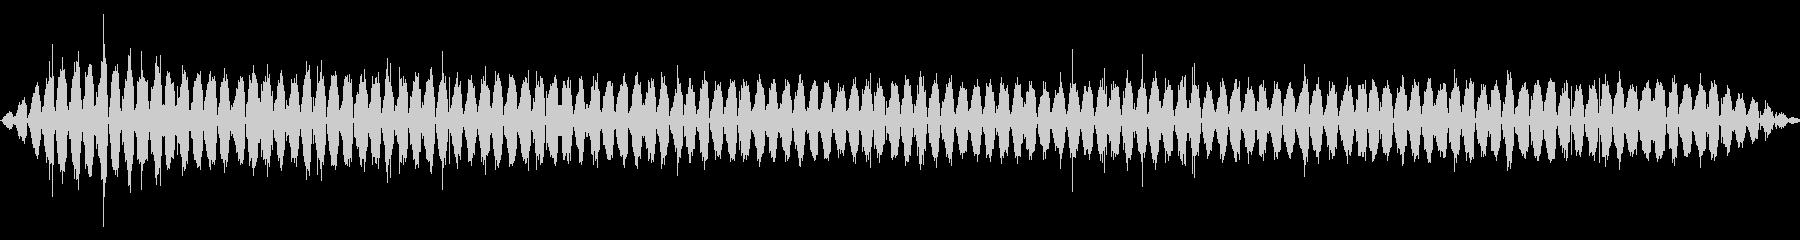 ハンド:スロースムースサンディング...の未再生の波形